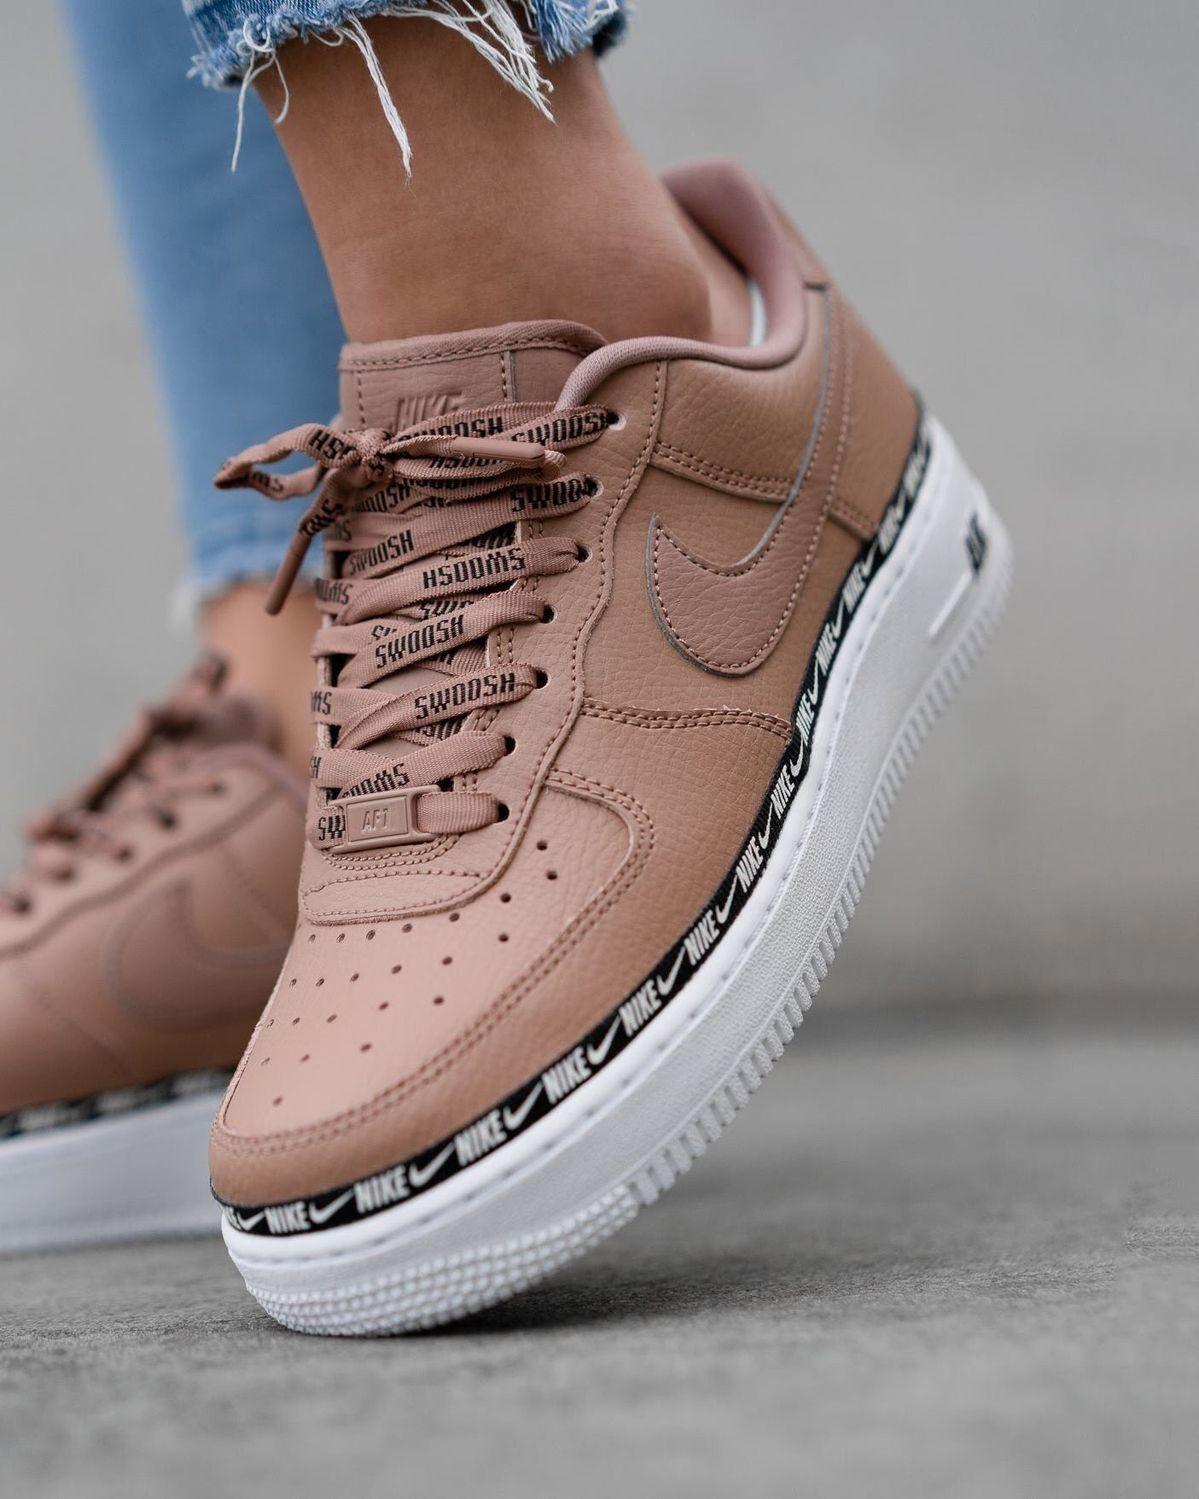 7fdd532bb5 400 - 450 Tênis Nike